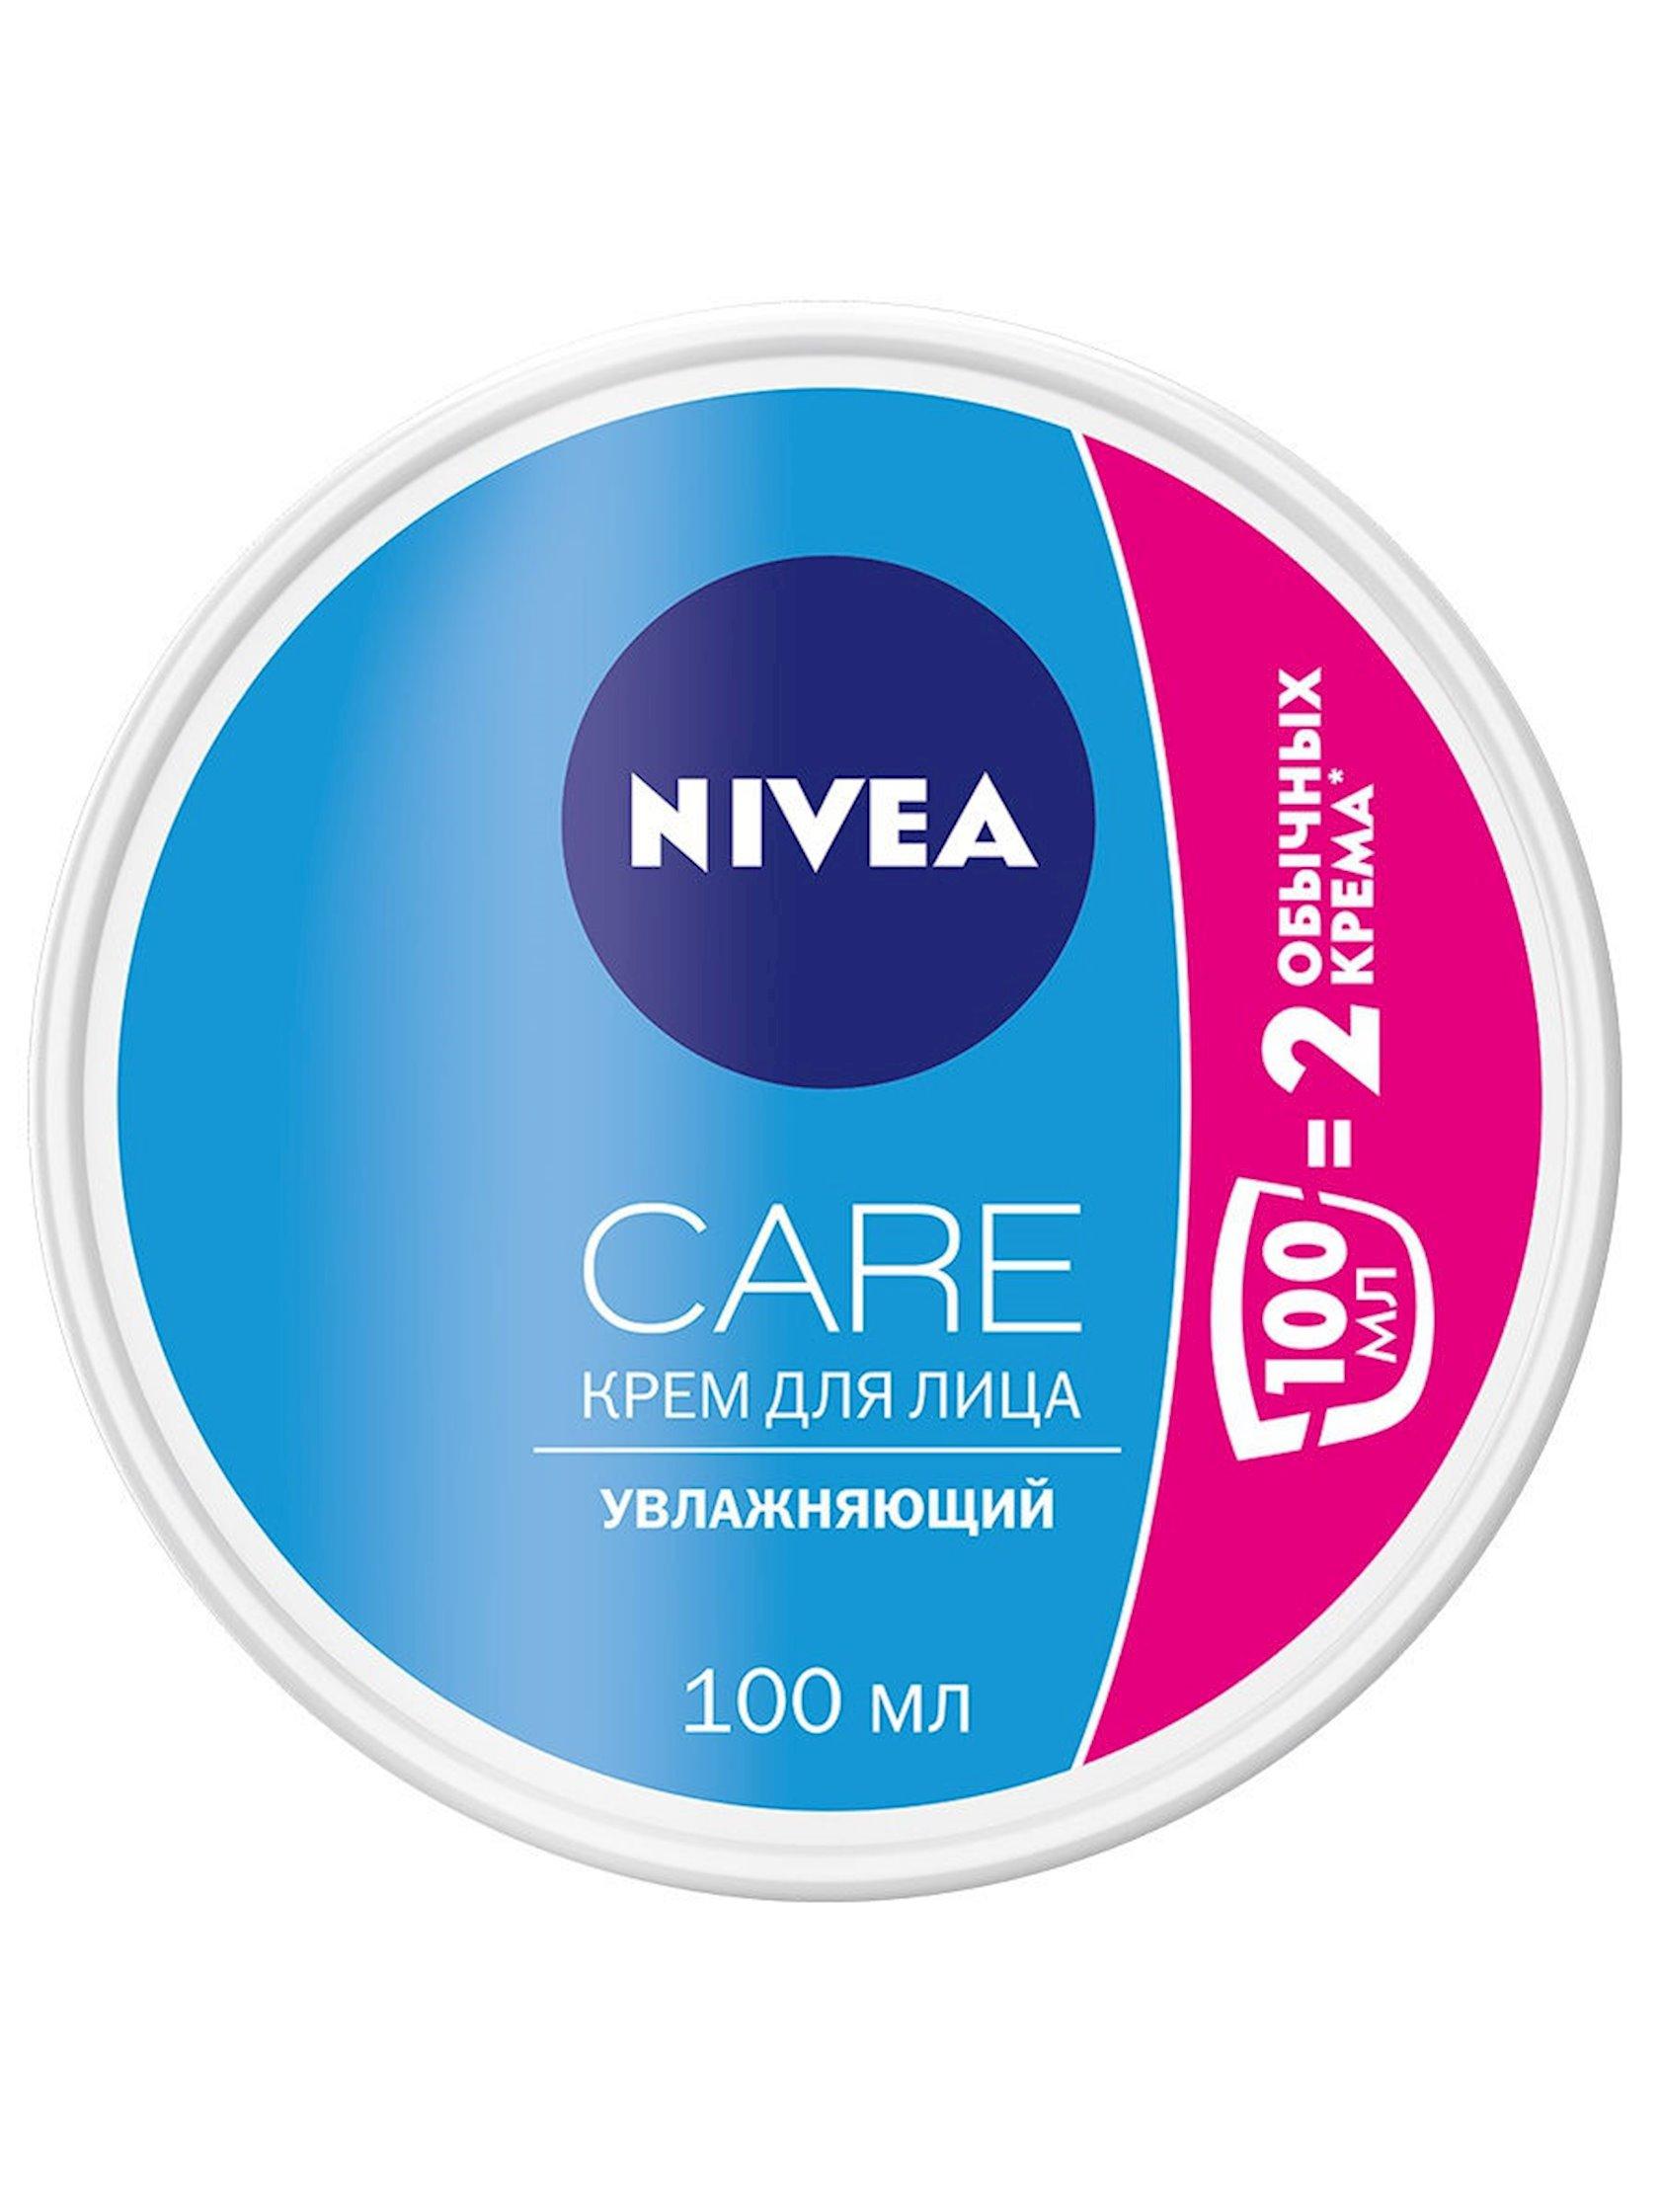 Üz kremi Nivea Care intensiv nəmləndirici şi yağı ilə bütün dəri tipləri üçün 100 ml